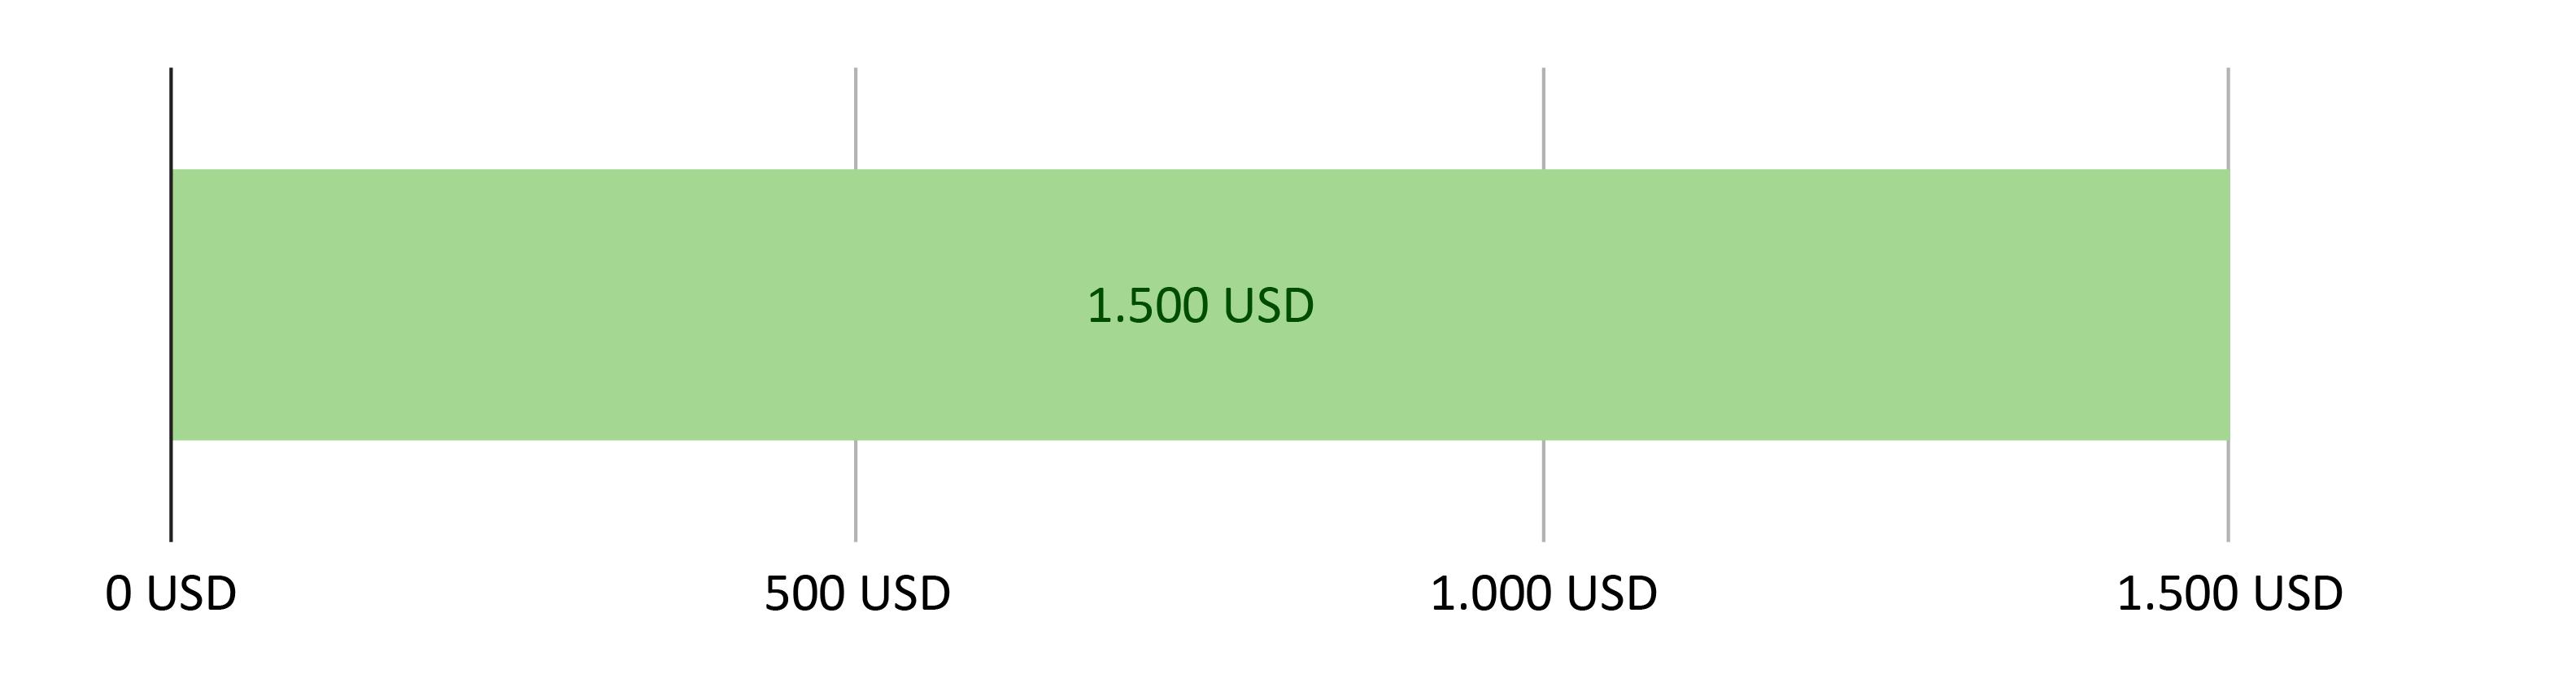 Elköltött összeg 0 USD; fennmaradó összeg 1,500.00 USD.